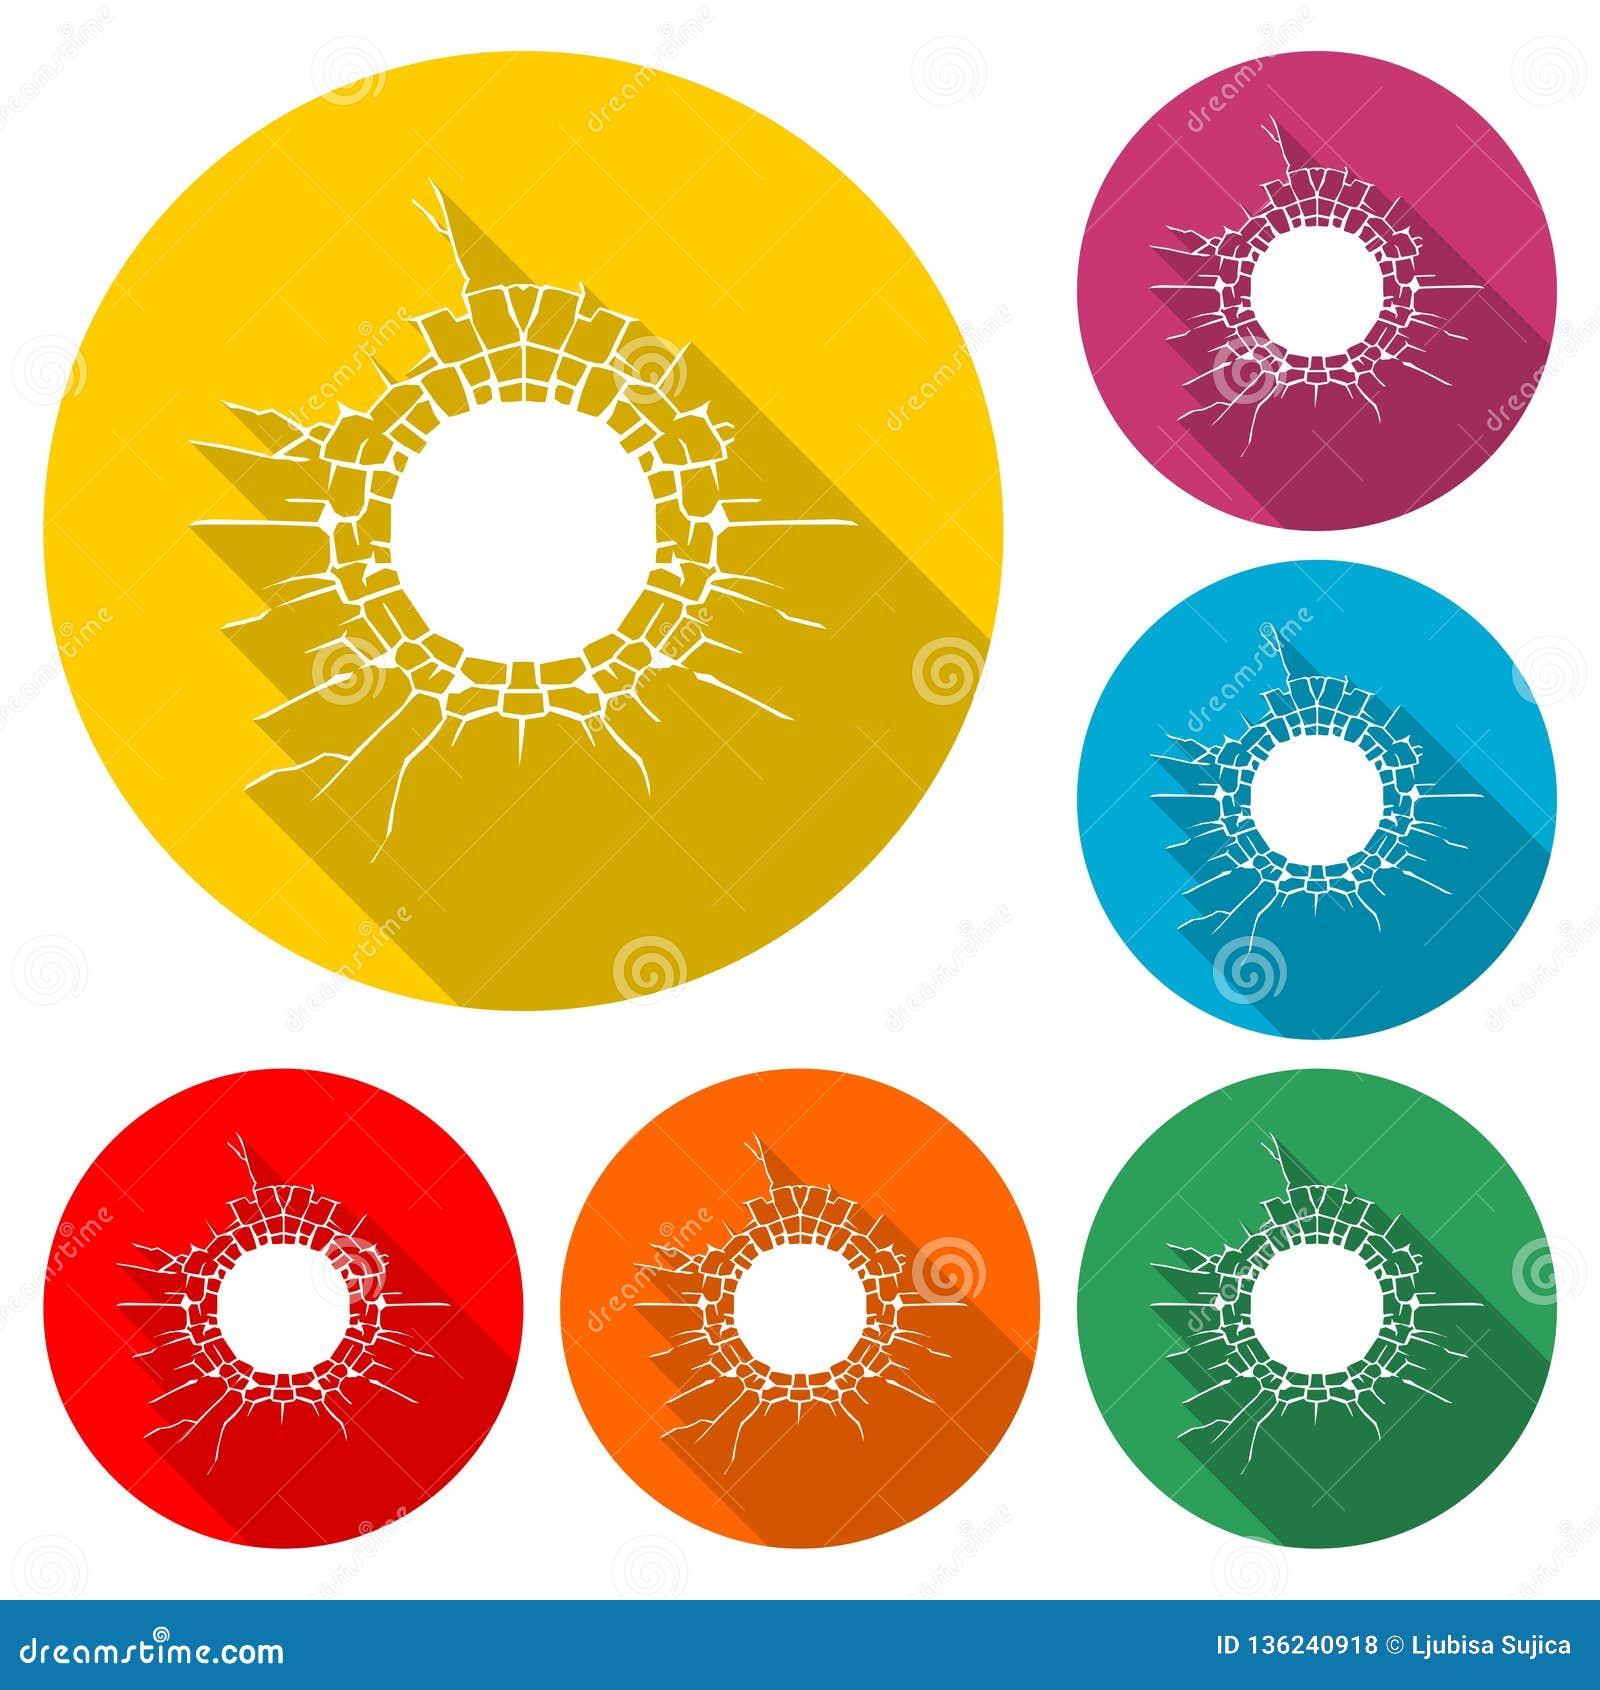 Η ρωγμή στο πάτωμα, το σπασμένο εικονίδιο συμπαγών τοίχων ή το λογότυπο, χρώμα έθεσε με τη μακριά σκιά